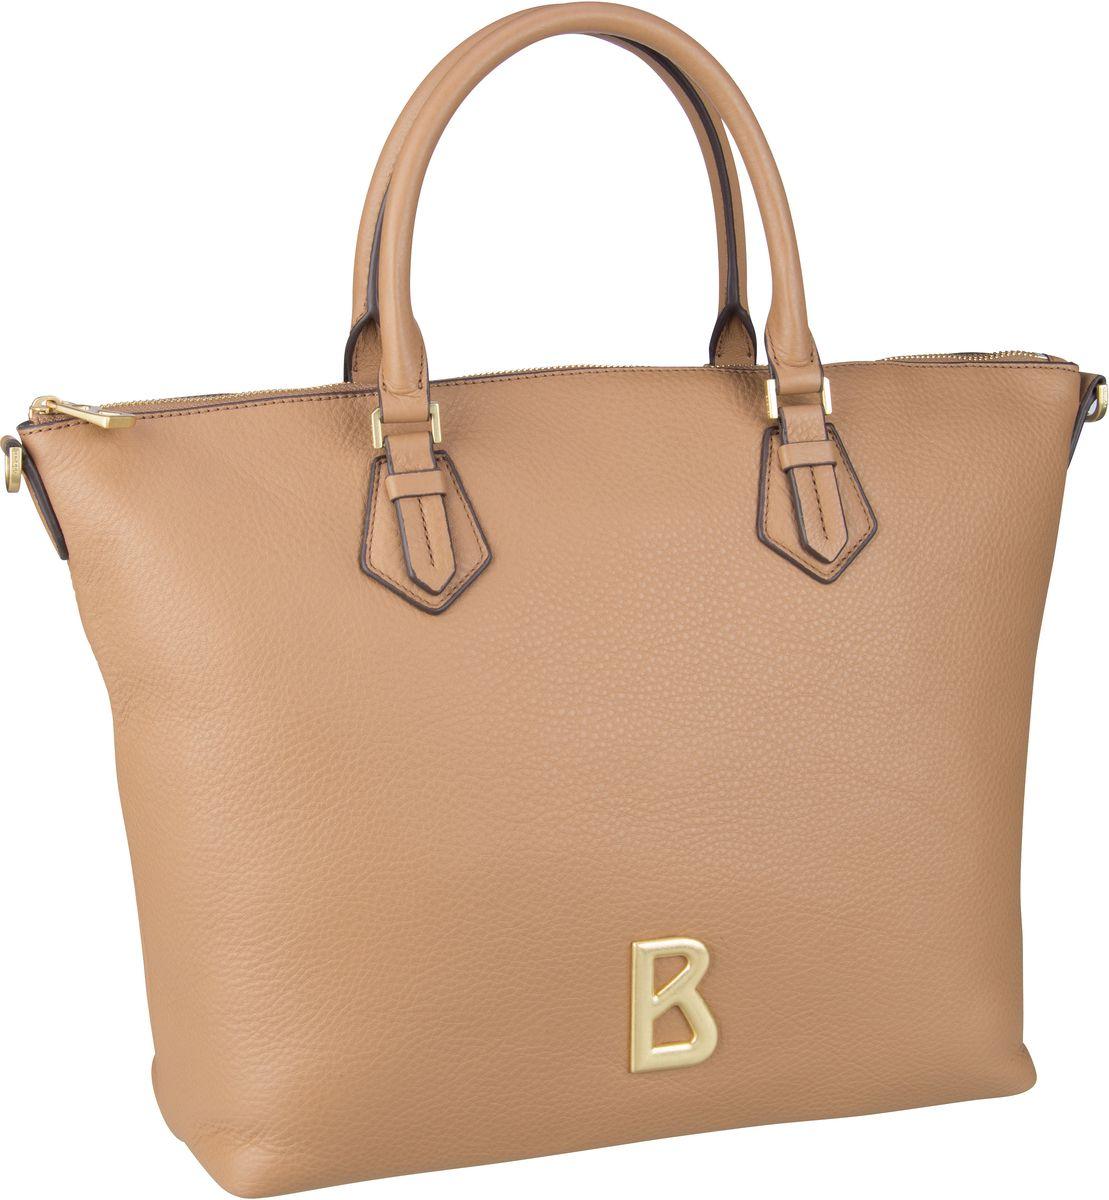 Handtasche Ladis Luisa Handbag LHZ Cognac